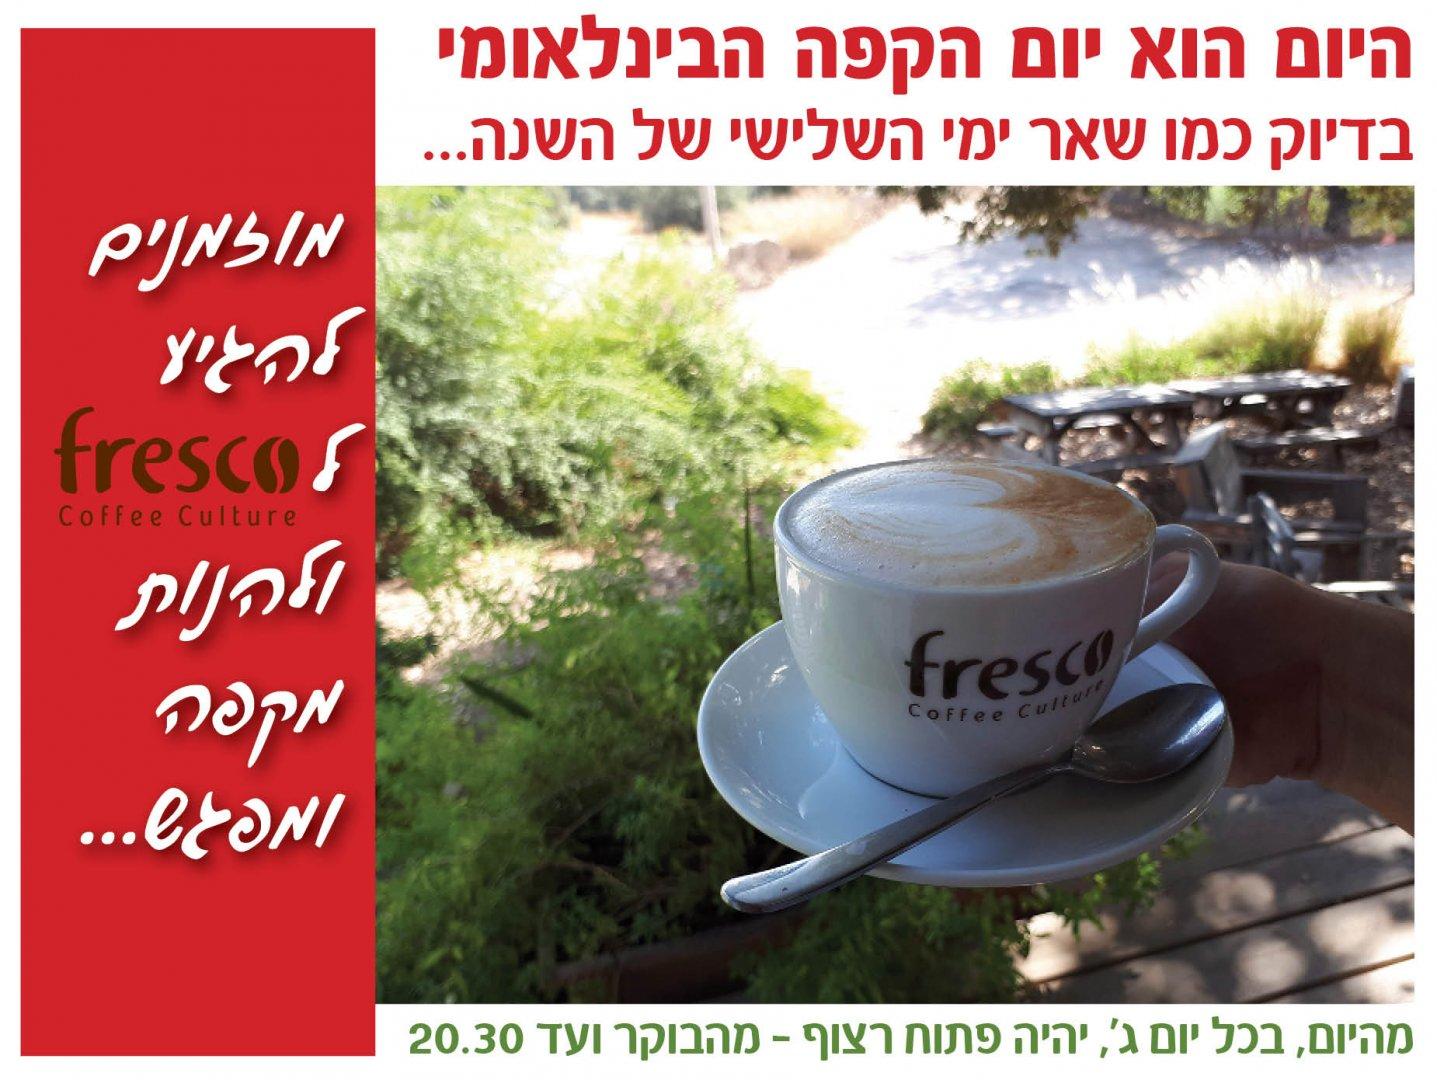 פתוח רצוף ביום הקפה הבינלאומי